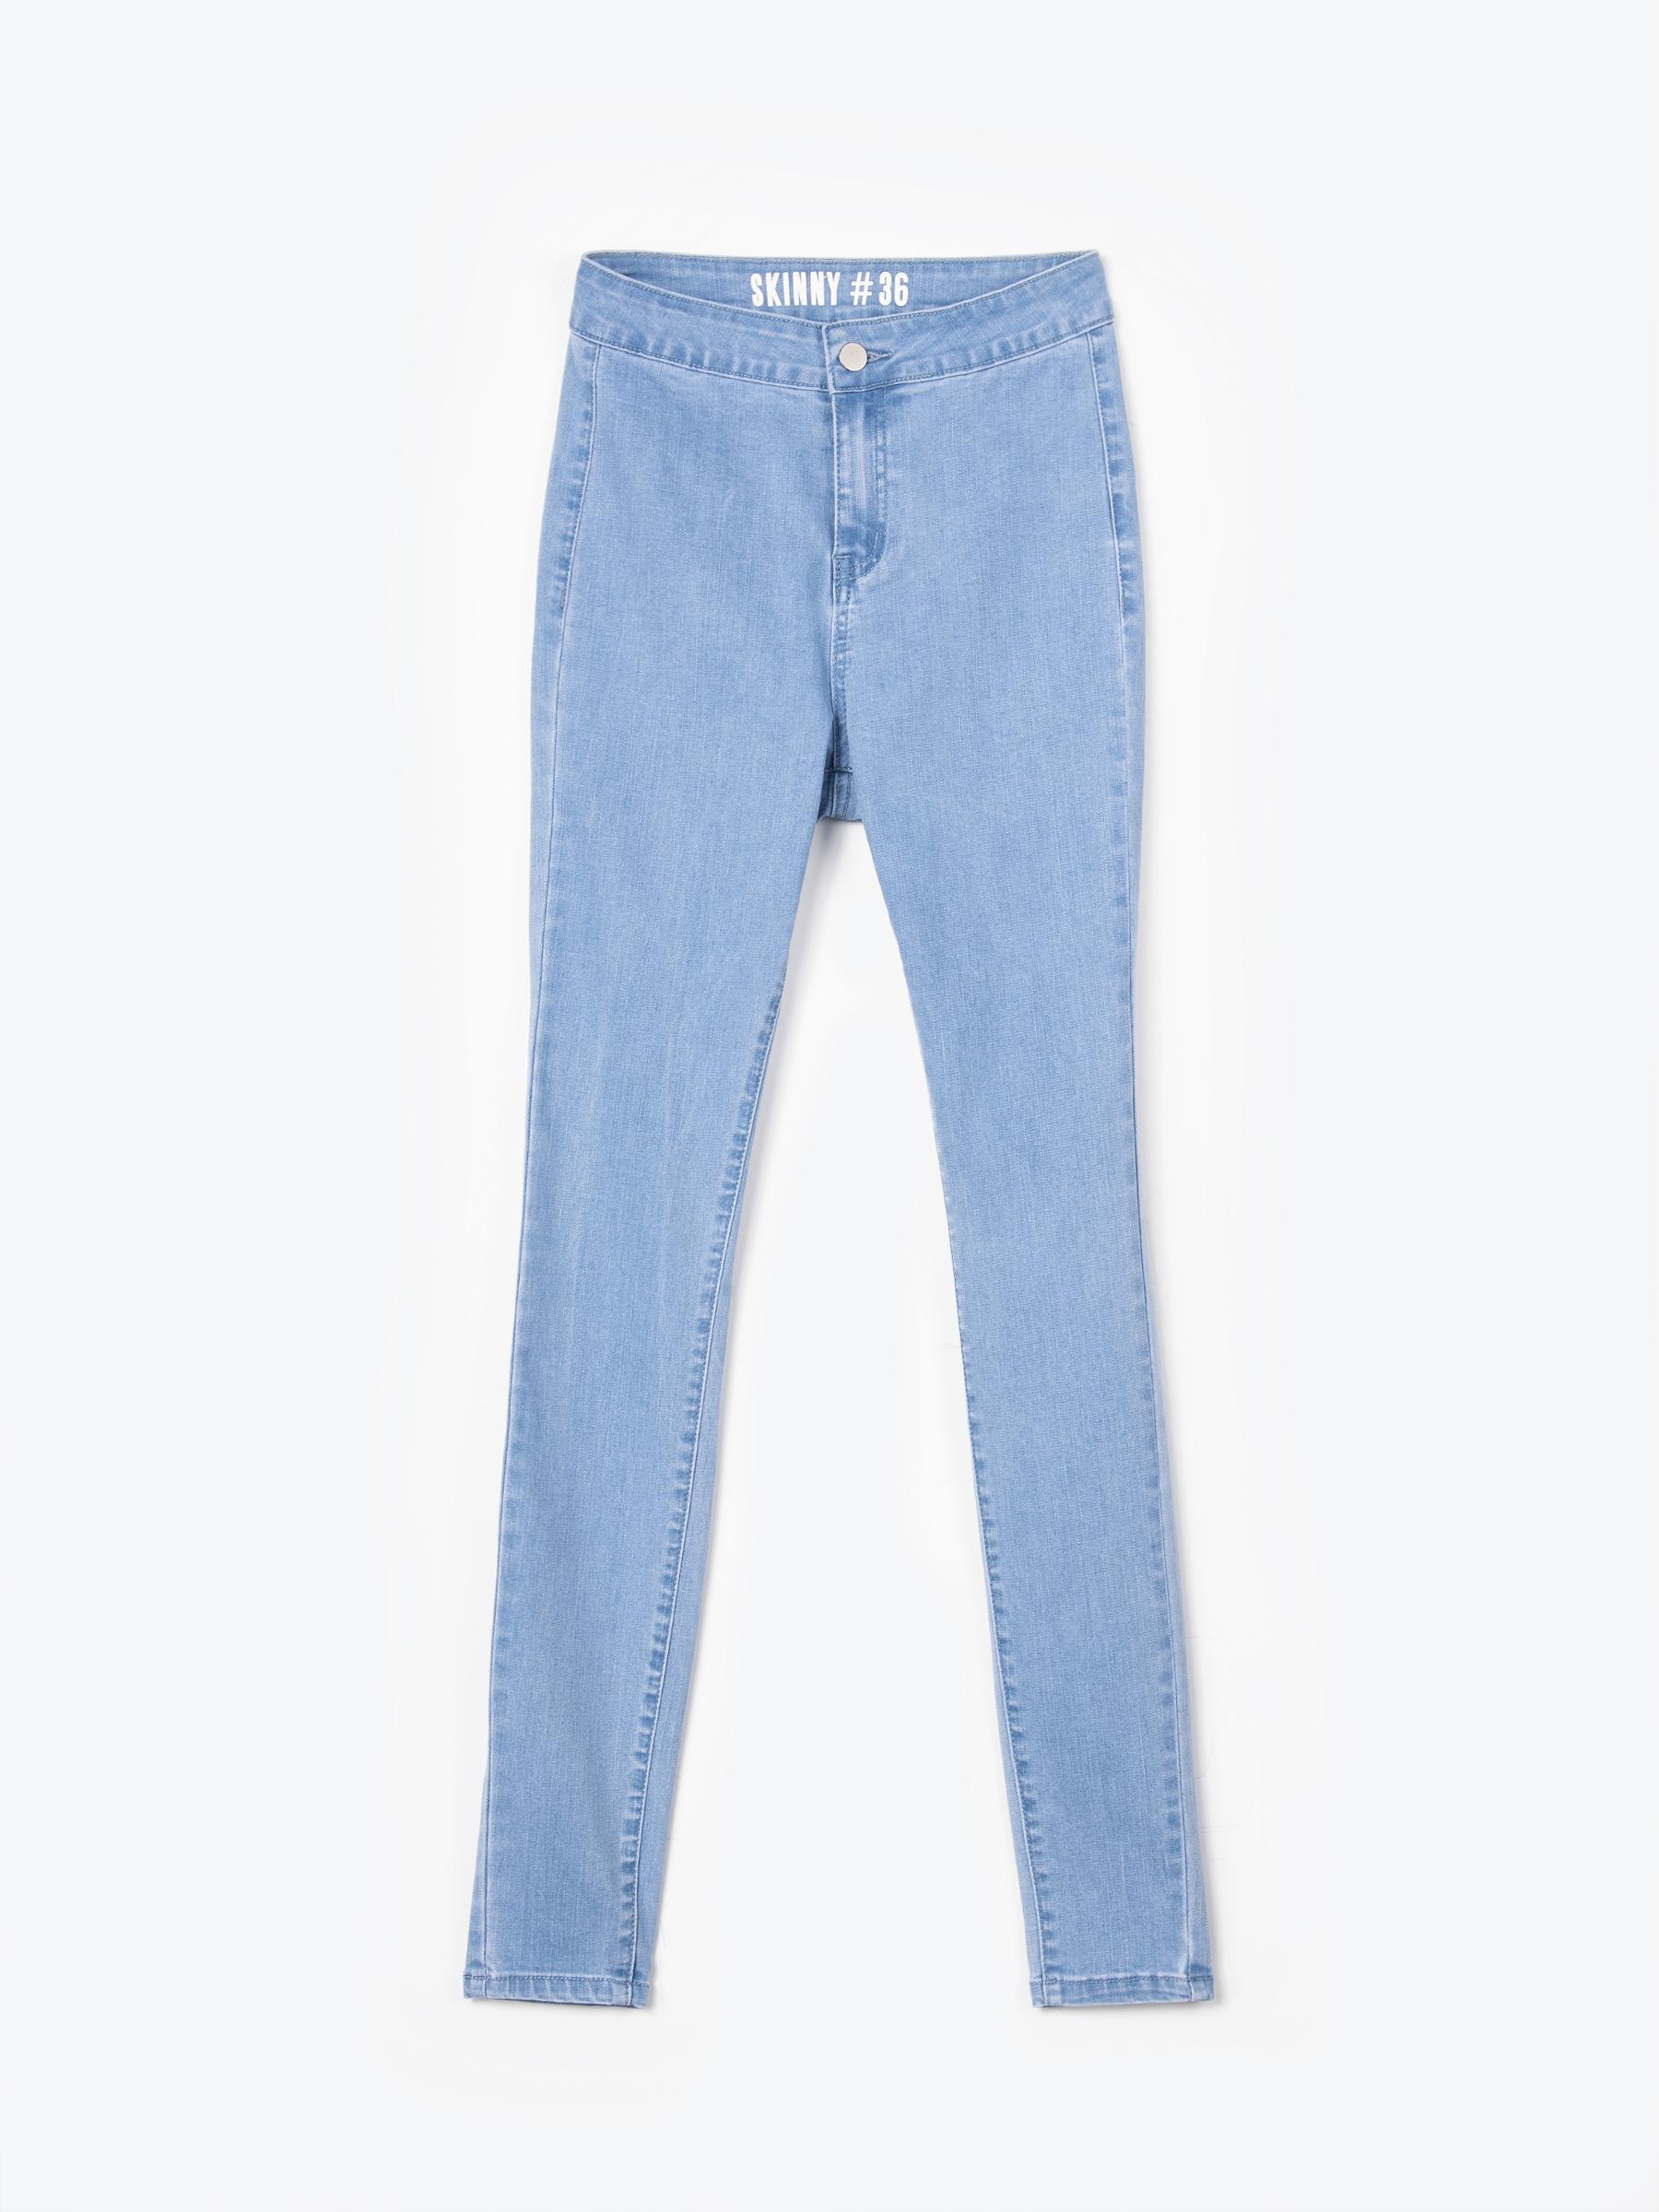 GATE Základné džínsy skinny s vysokým pásom